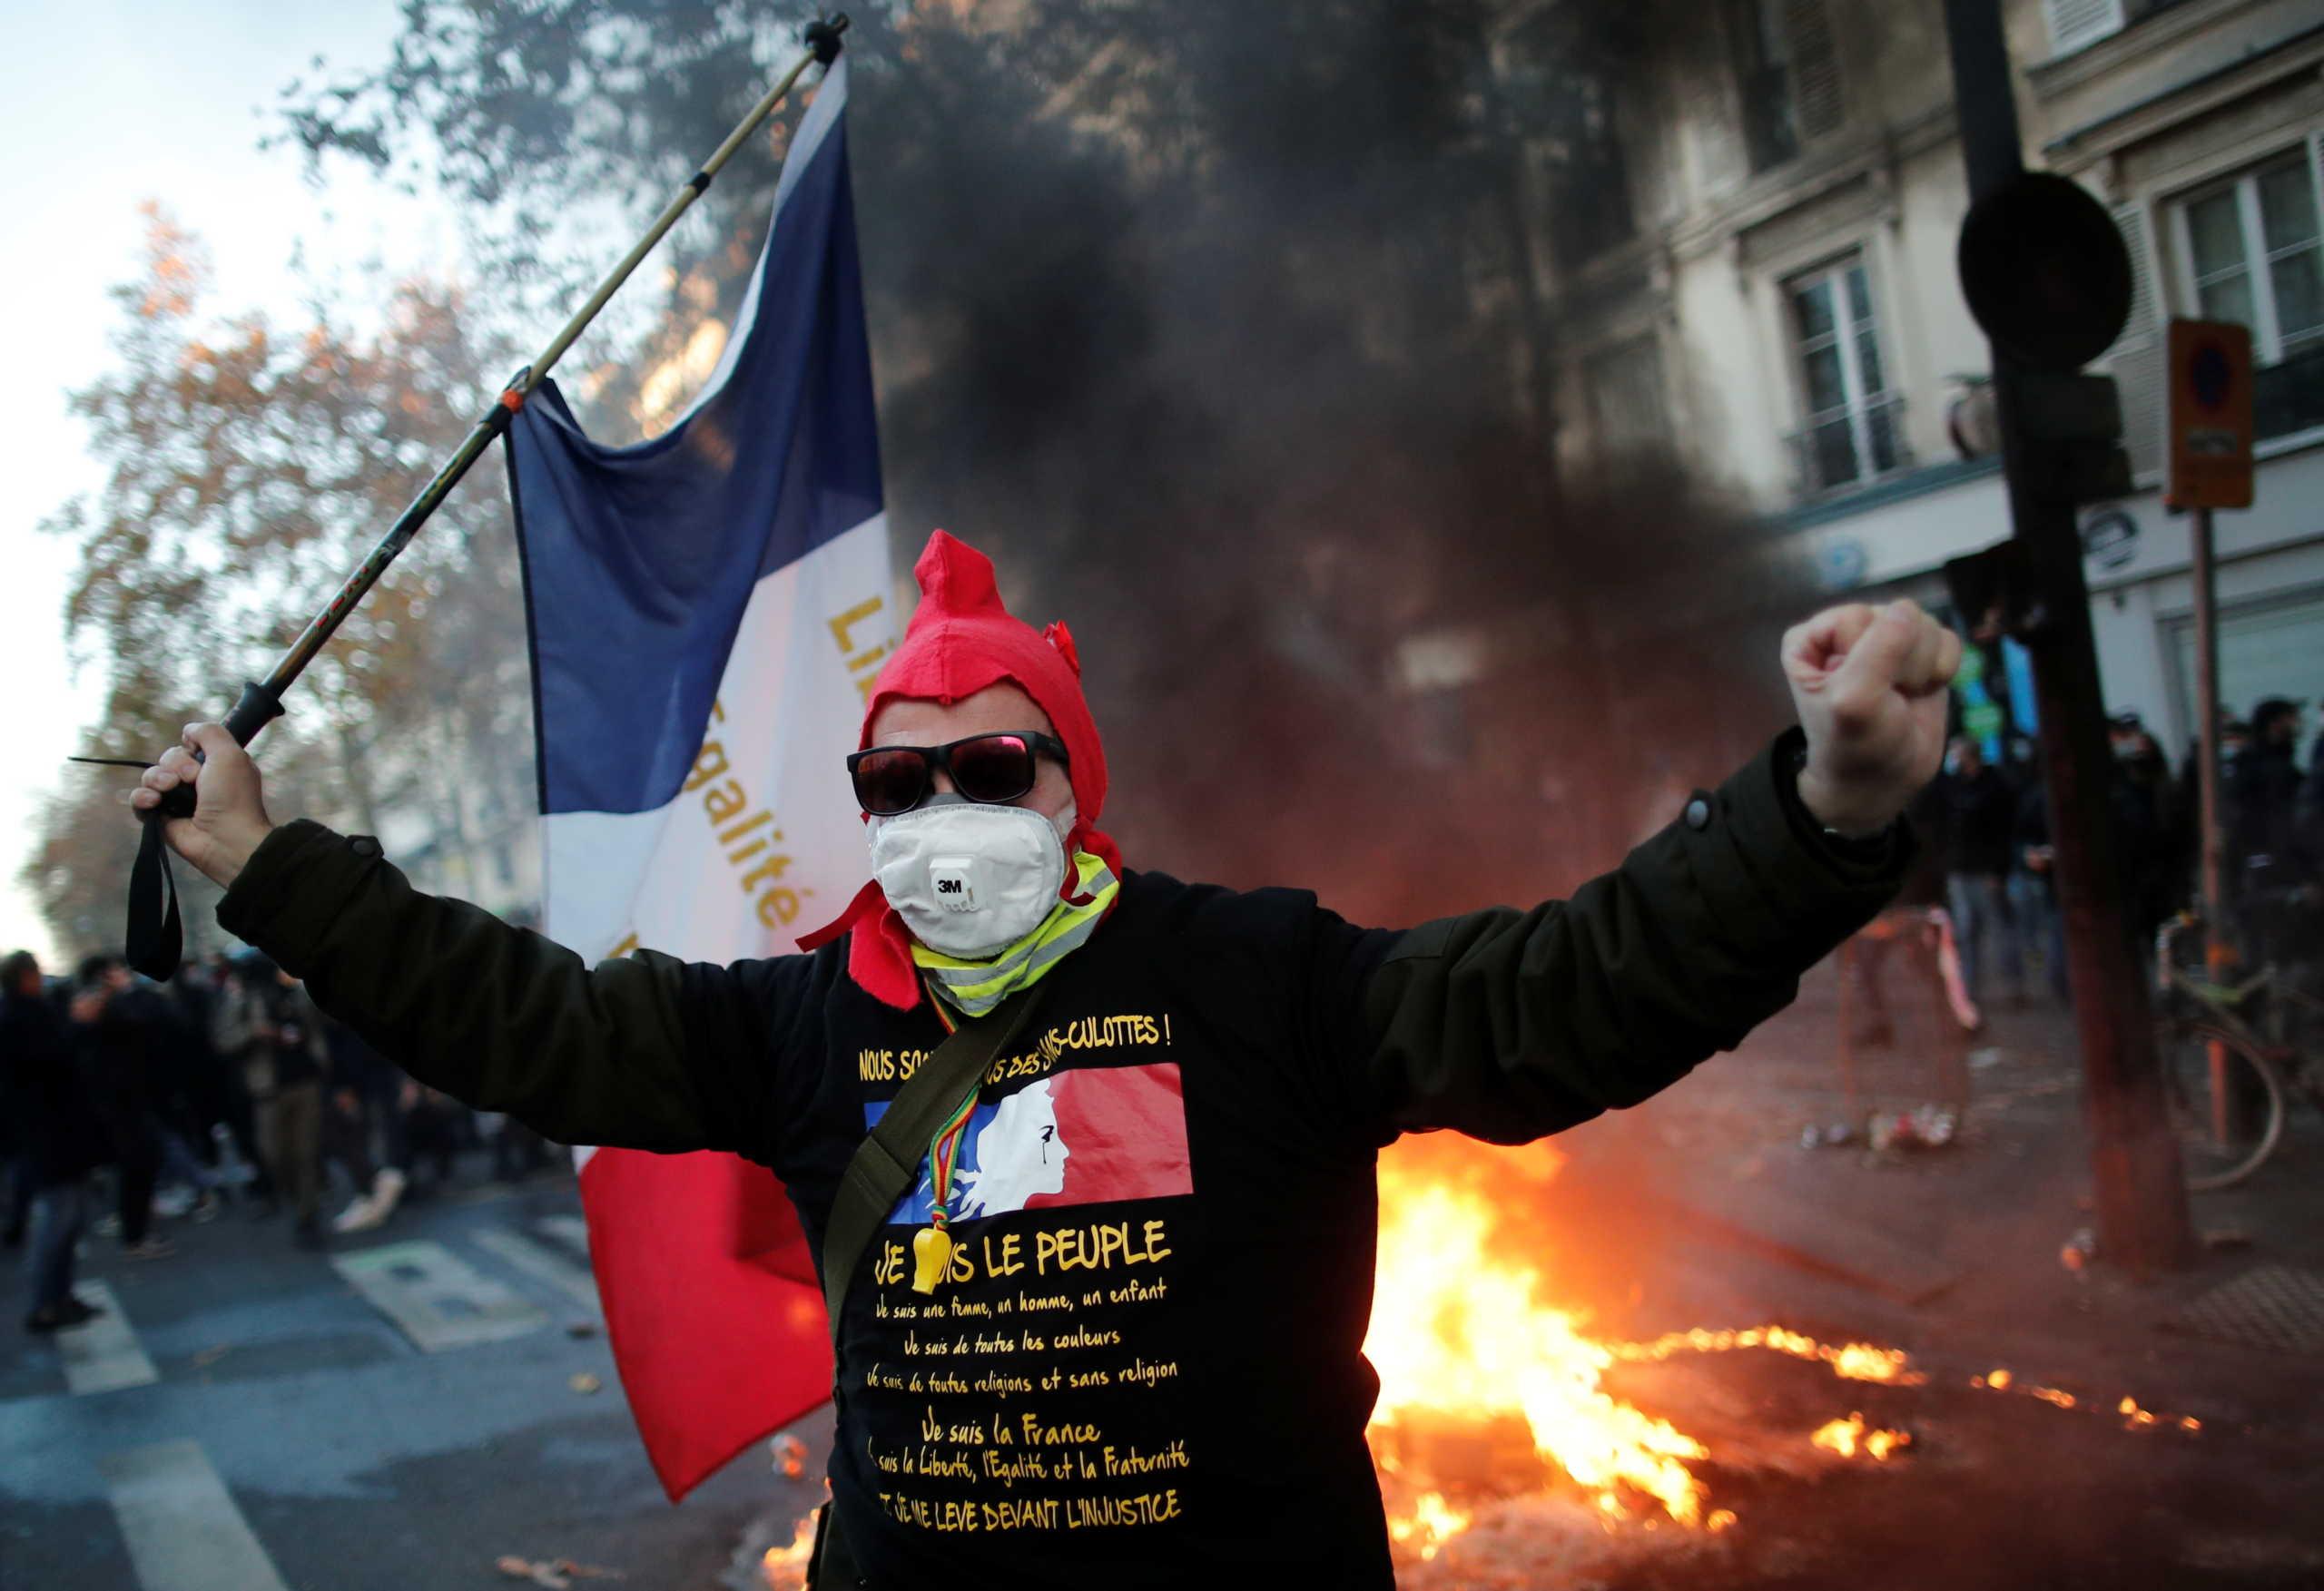 Παρίσι: Σοβαρά επεισόδια και δακρυγόνα σε διαδήλωση για την αστυνομική βία